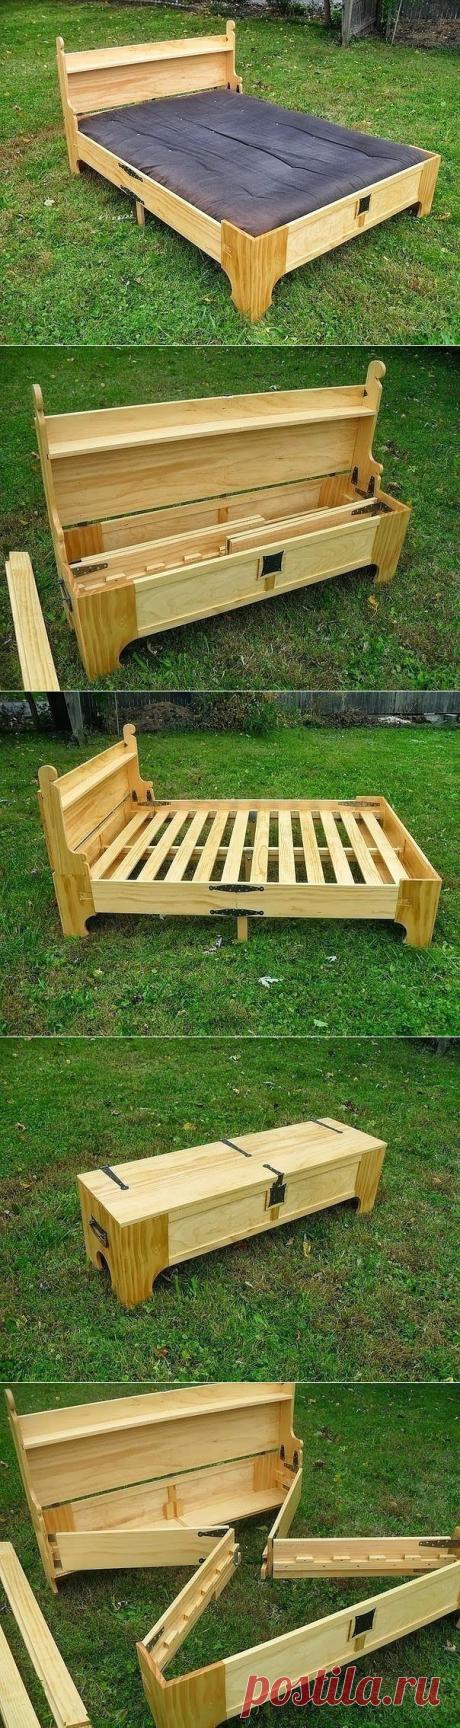 Кровать-ящик, ящик-кровать... Это нереально круто!